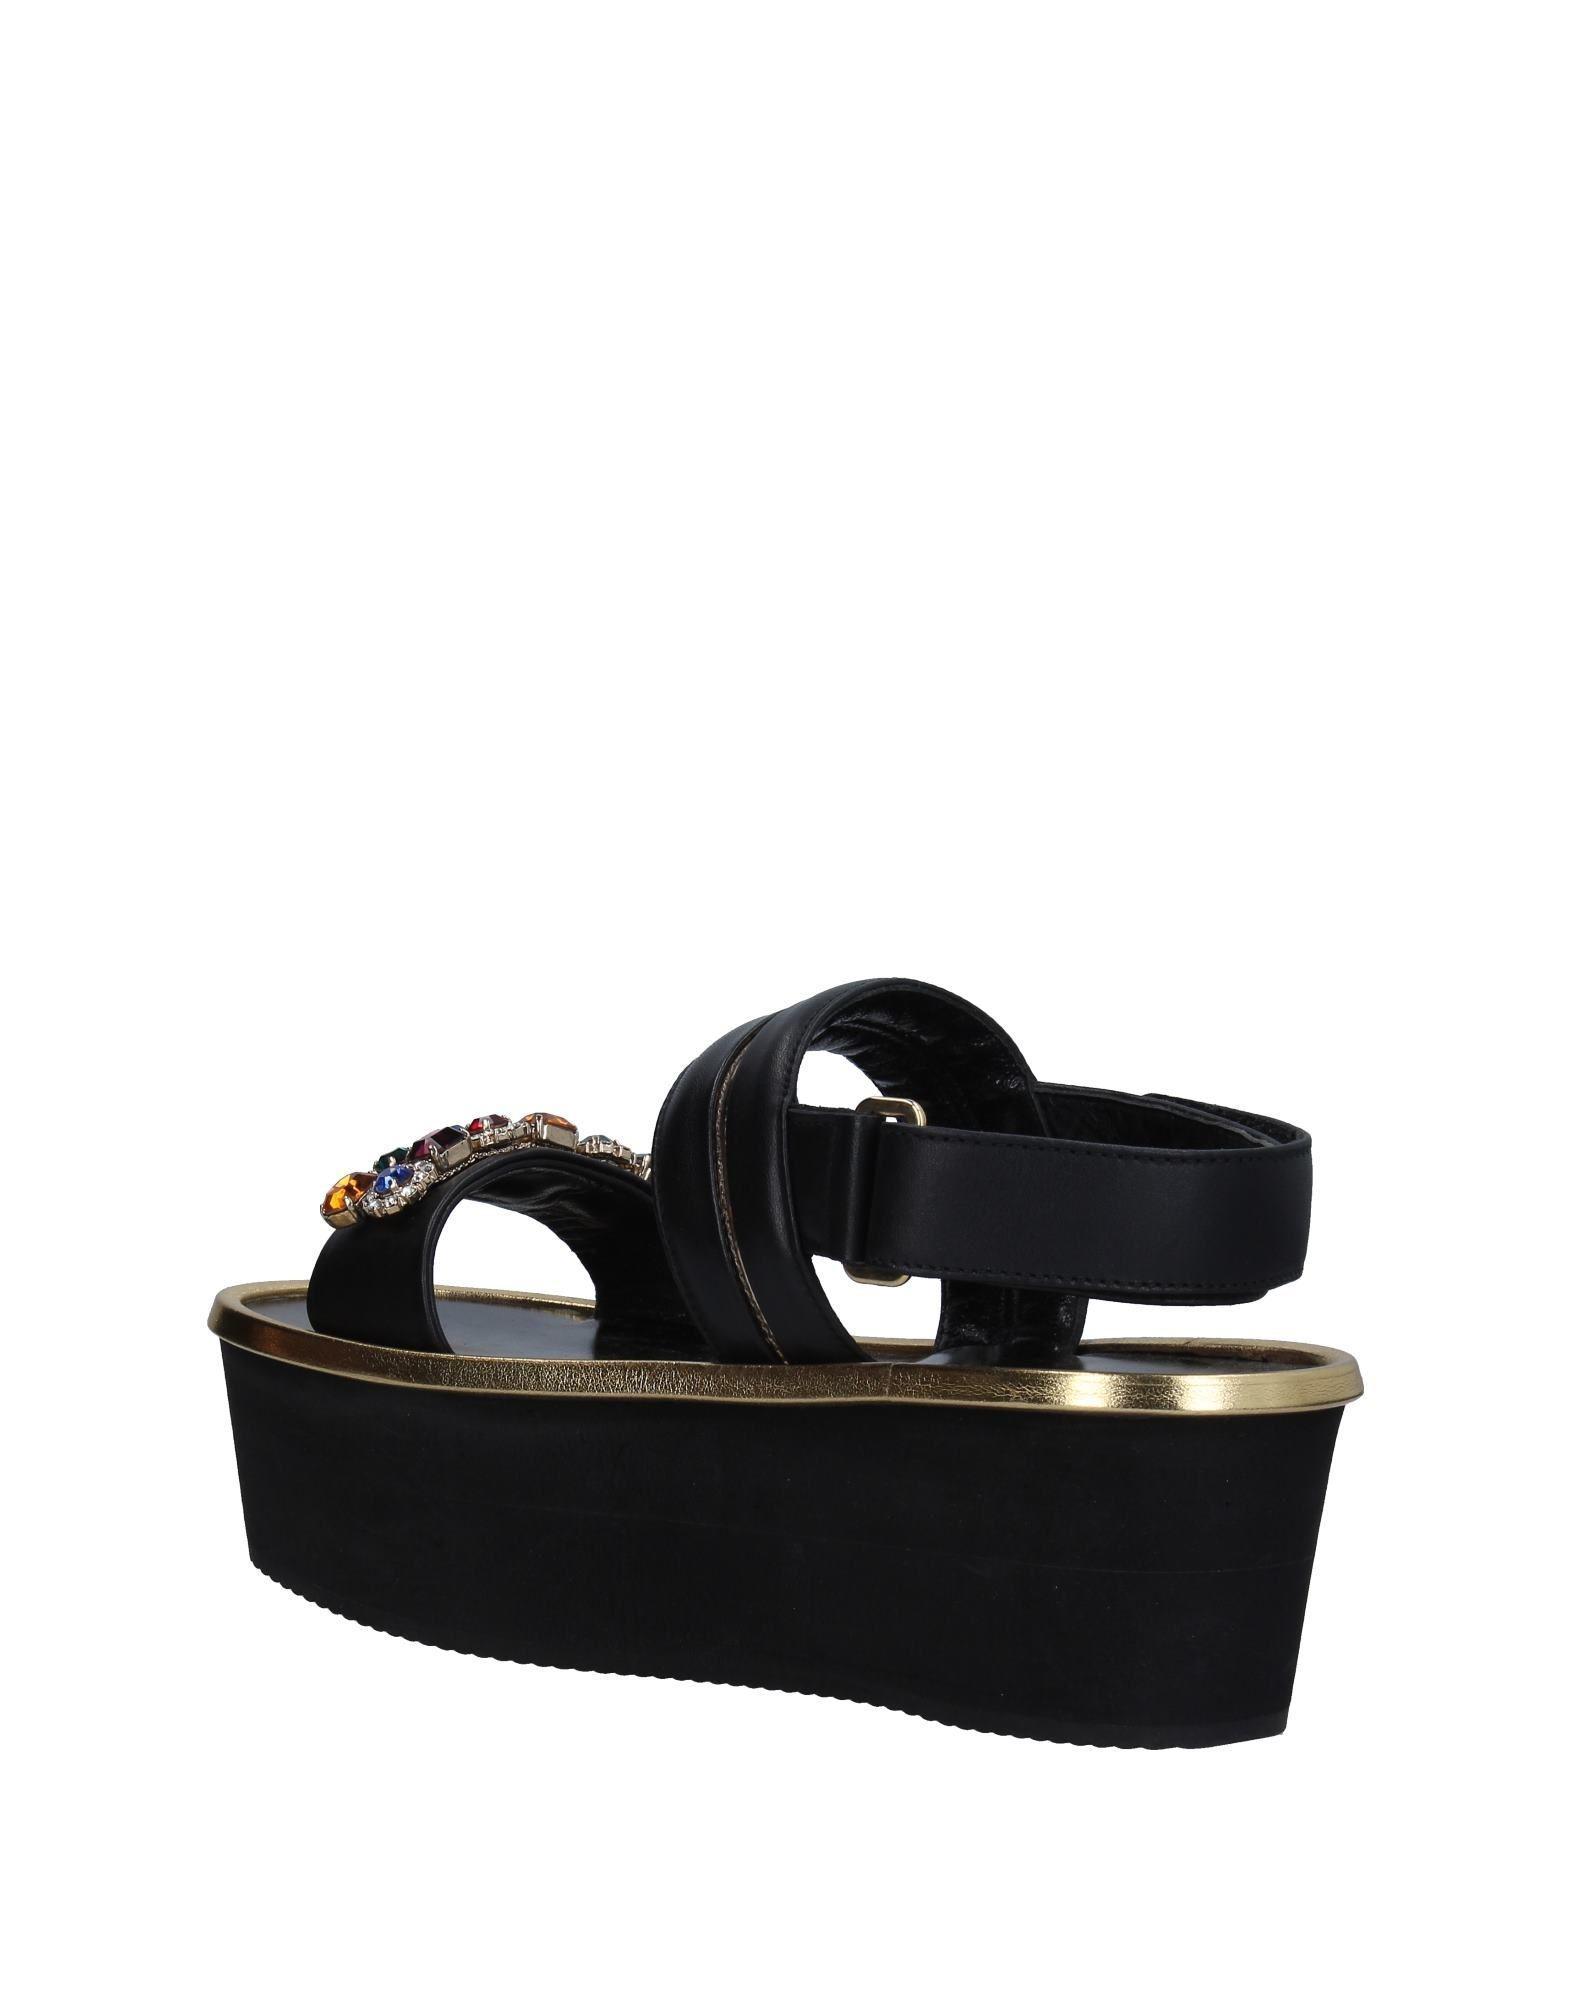 947711ff944d Lyst - Alberto Guardiani Sandals in Black